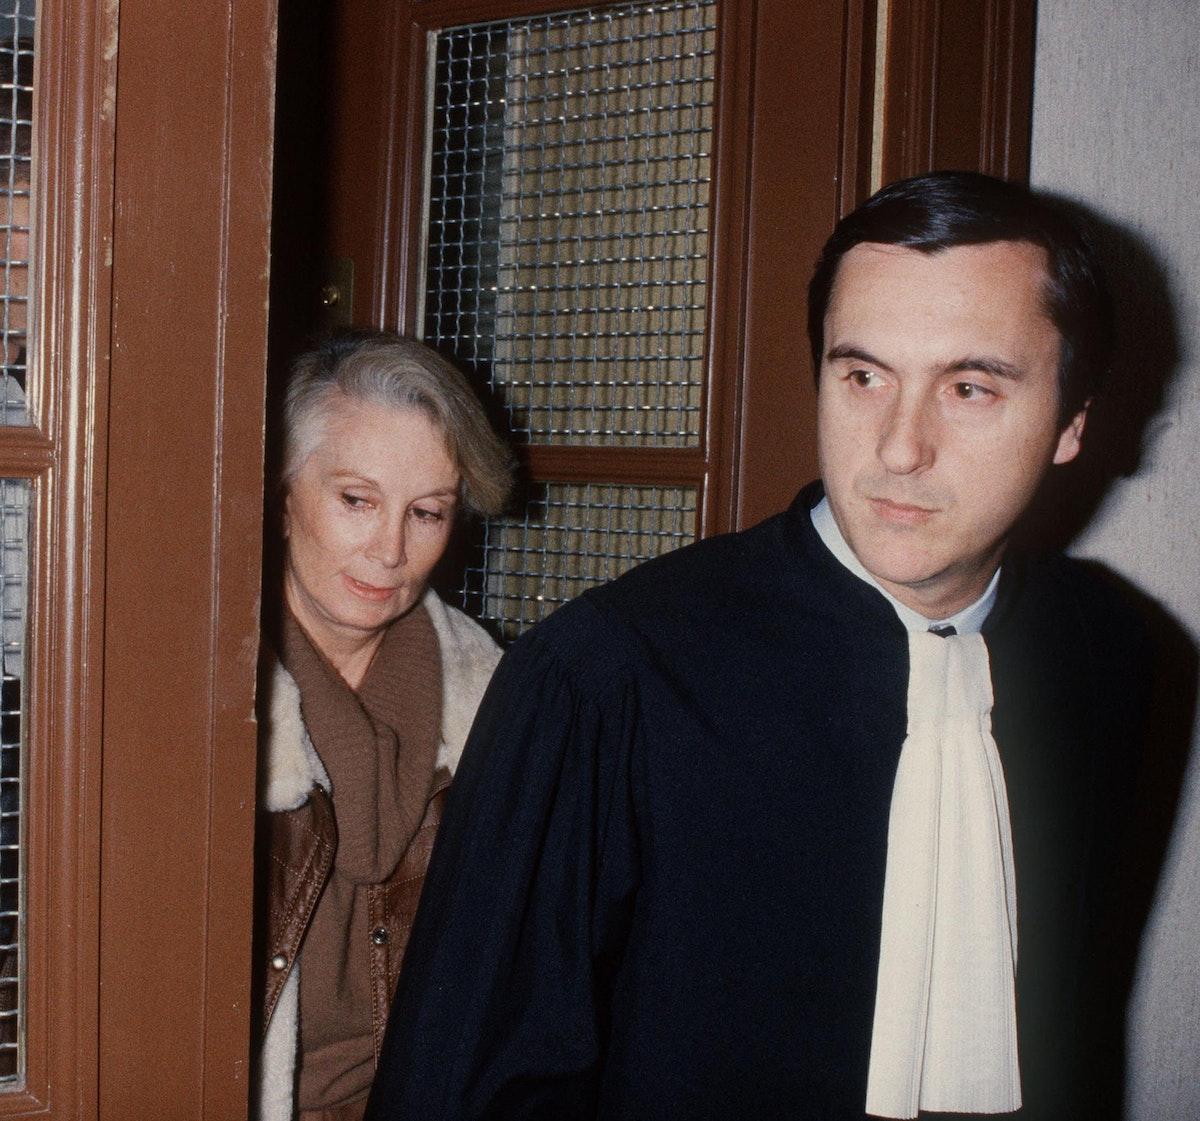 مدام كلود في باريس أثناء محاكمتها مع المحامي الخاص بها - AFP